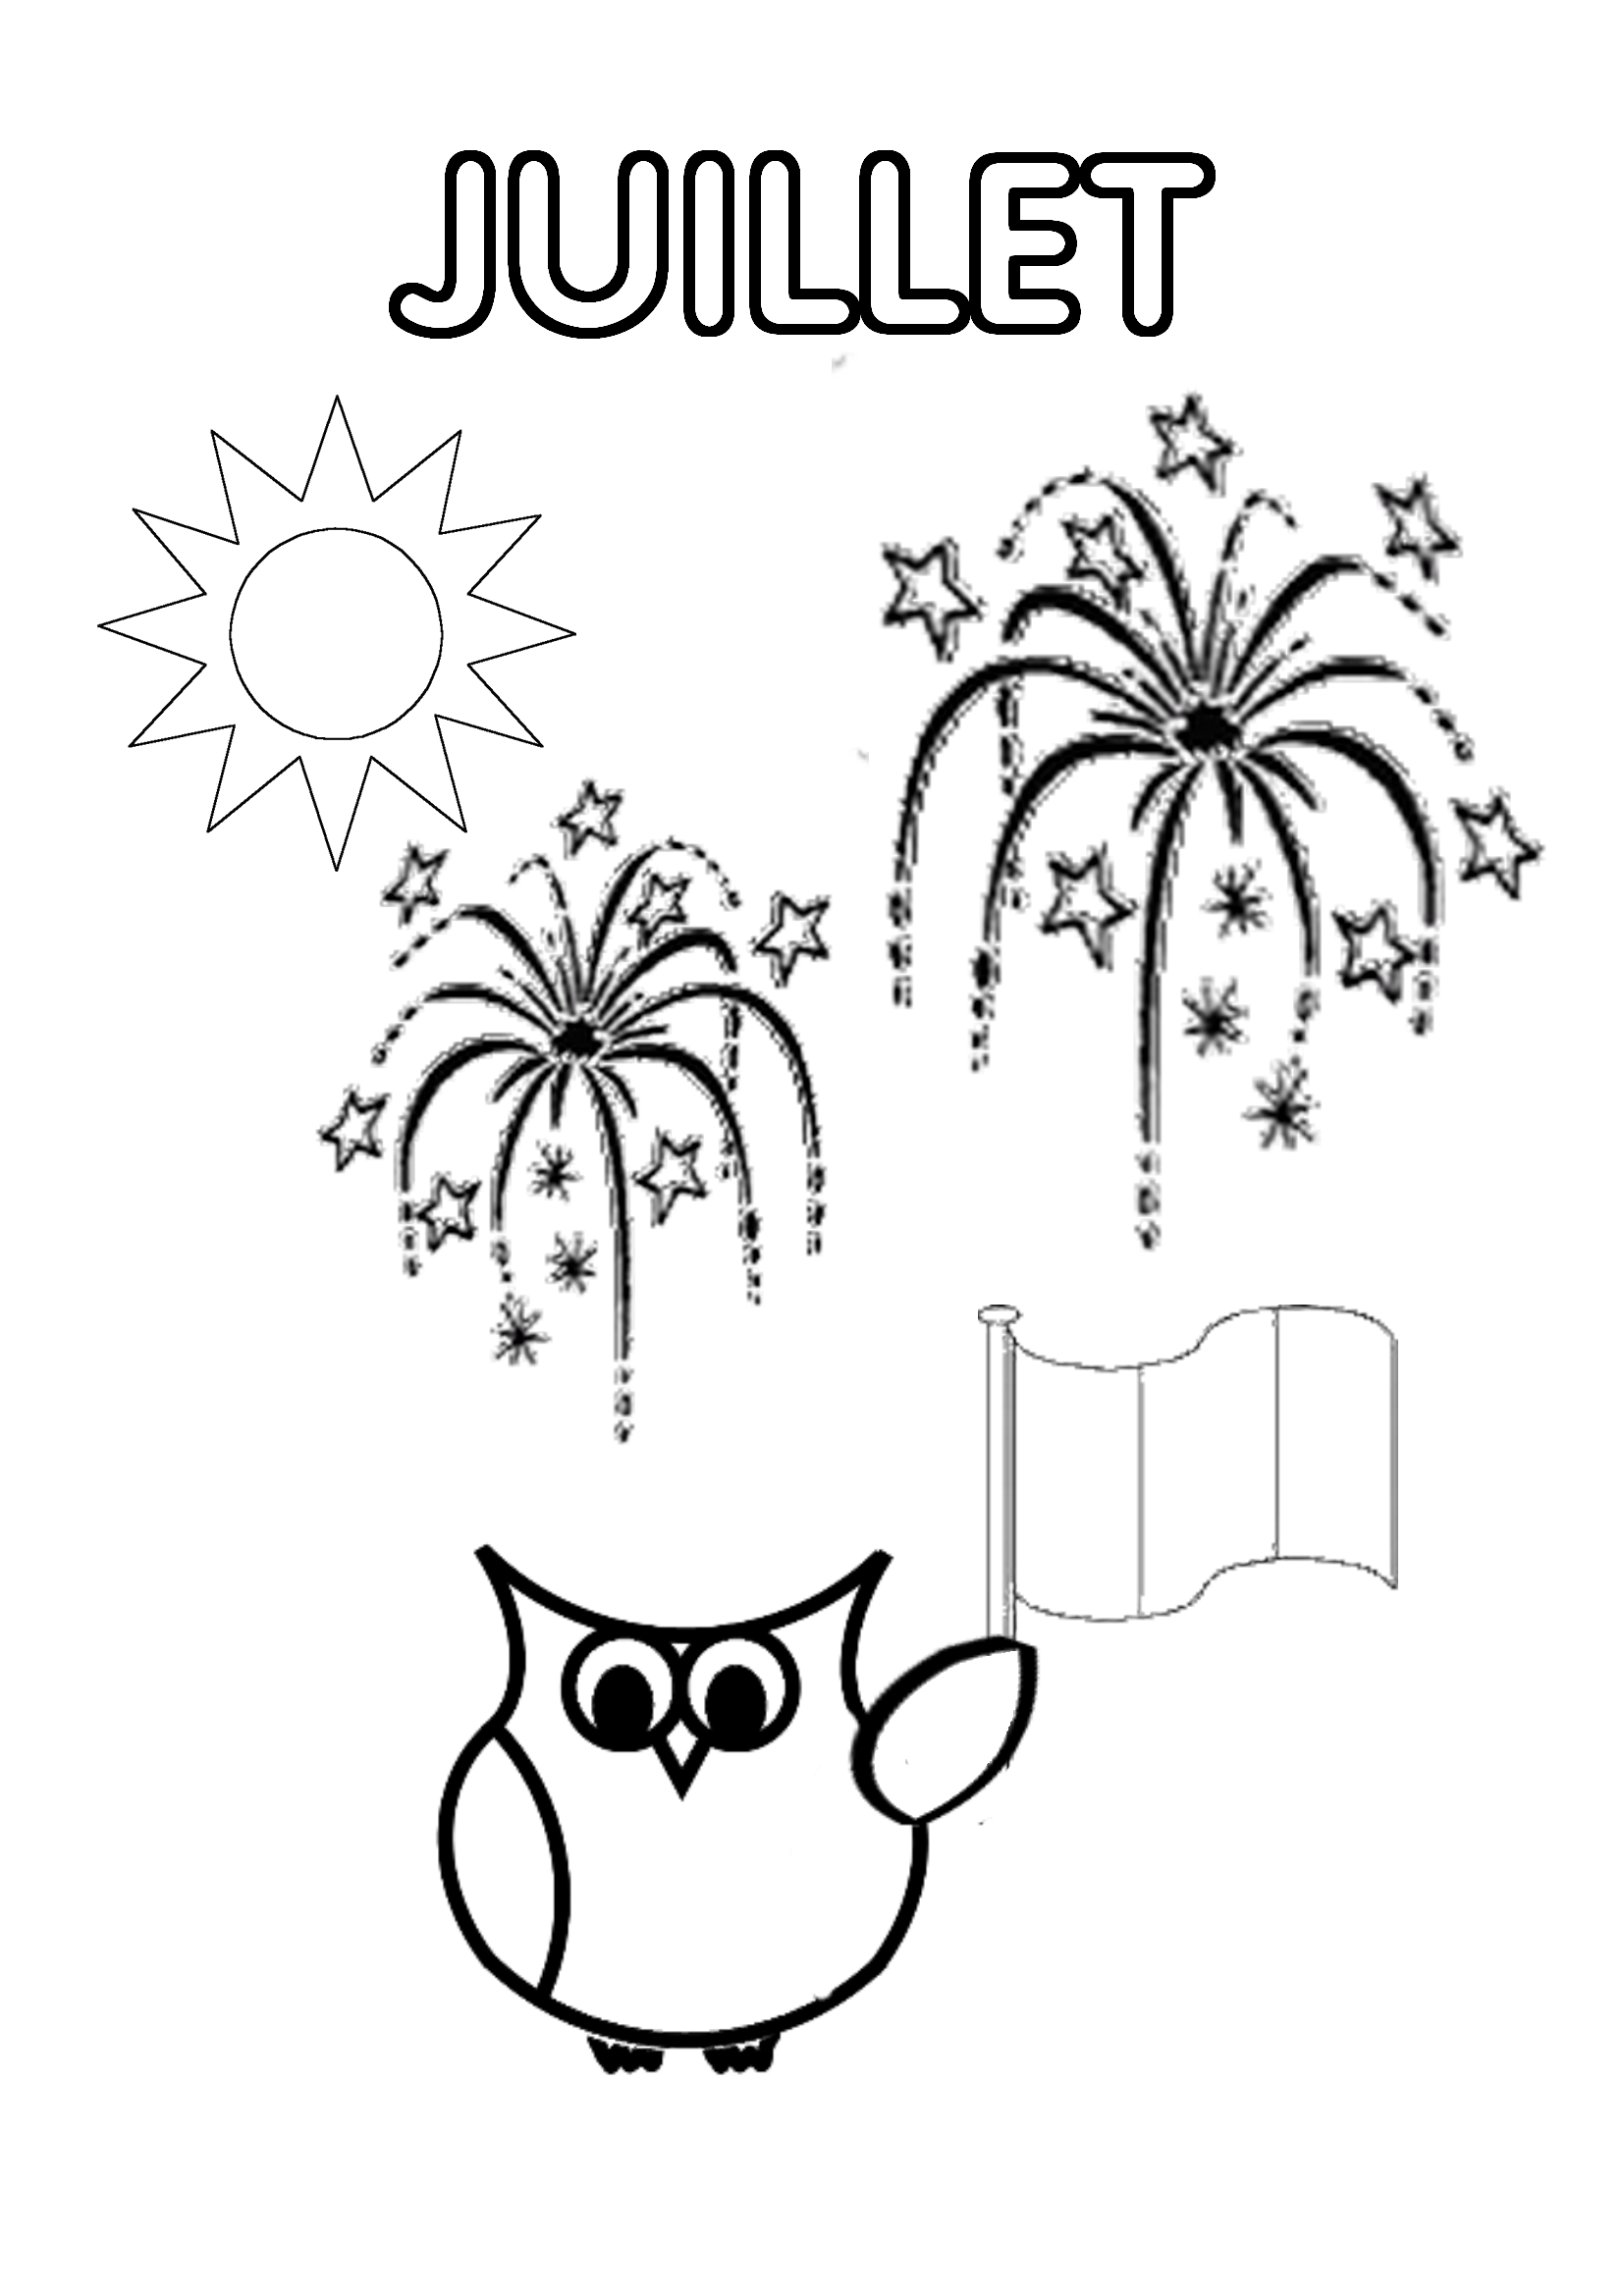 La Maternelle De Moustache Calendrier 2016 : maternelle, moustache, calendrier, P4O3hS1DB2Aw0PIZ-pftRO4rVnQ.png, 1'654×2'339, Pixel, Cahier, L'année,, Coloriage, Automne